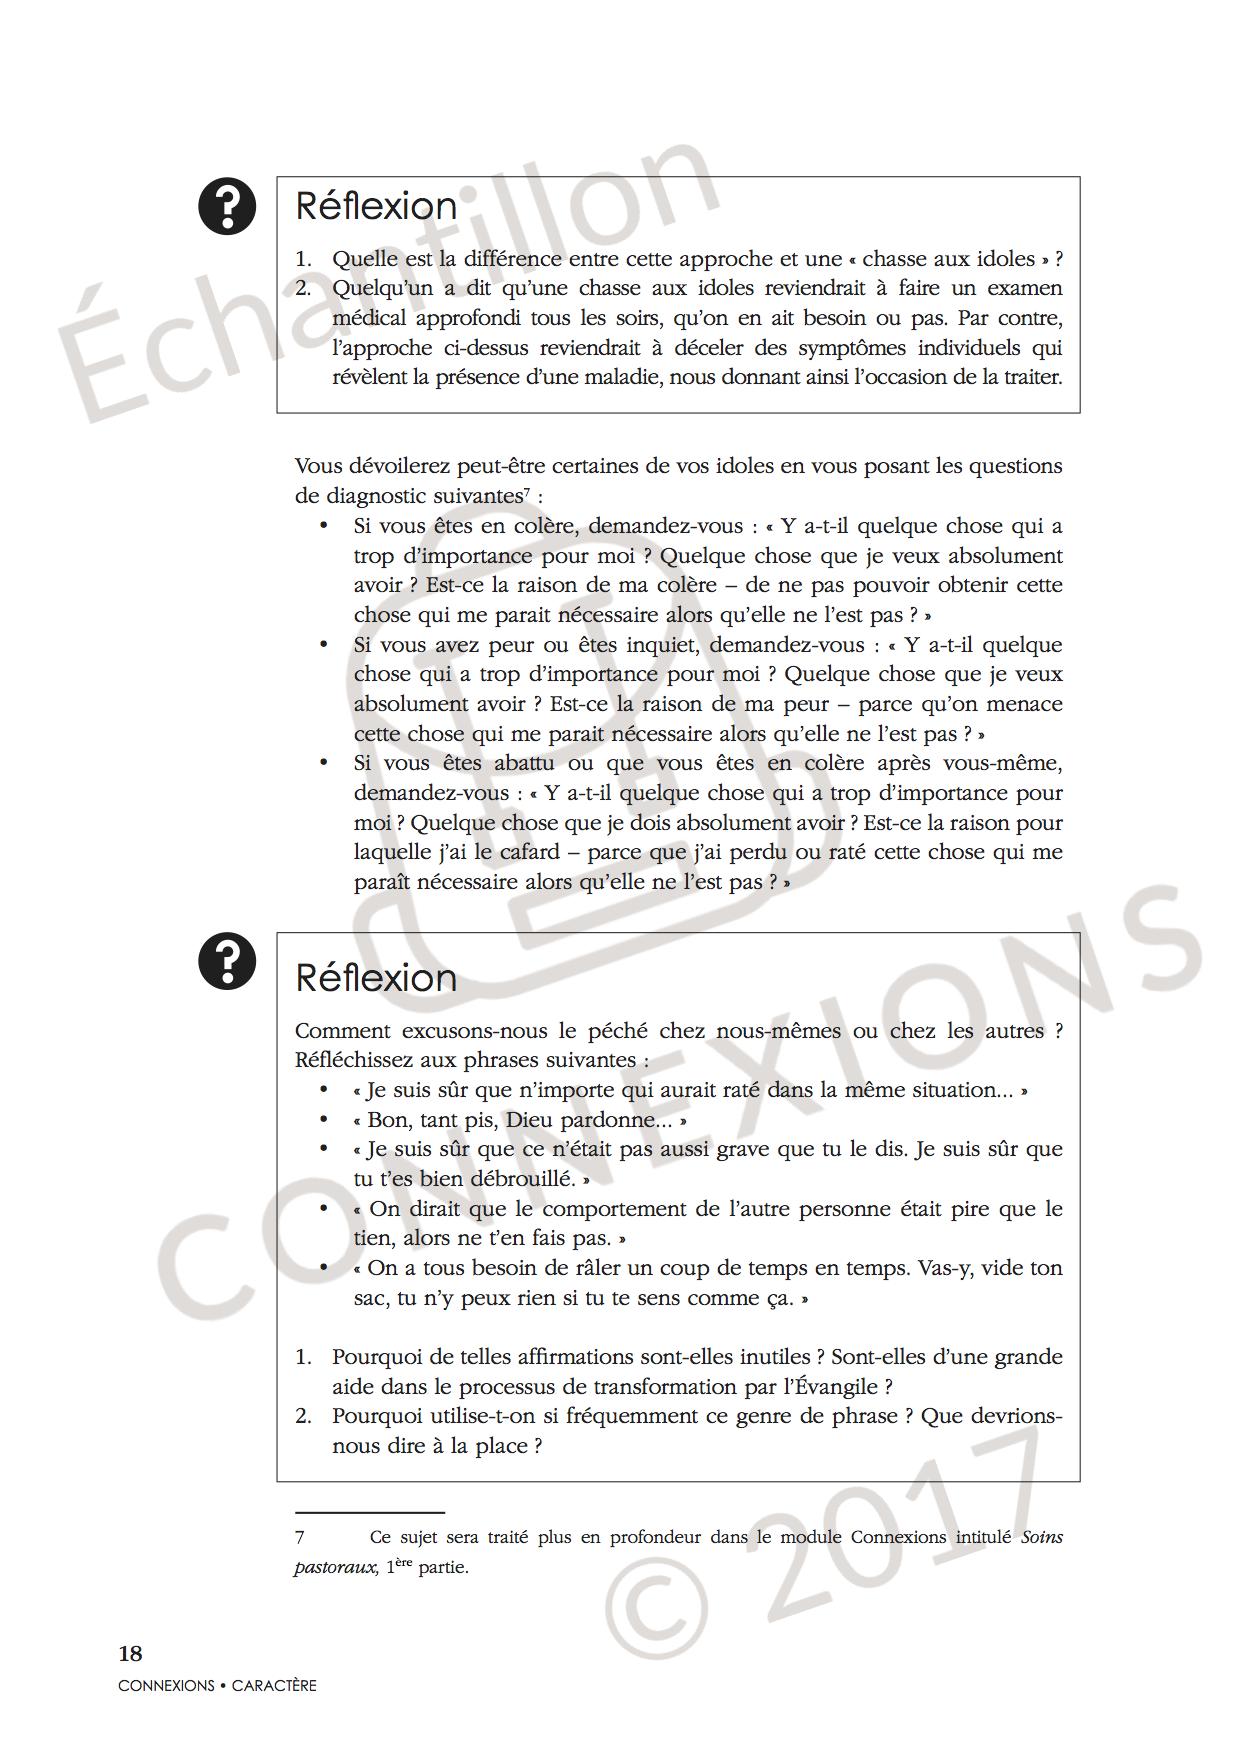 L'Évangile au cœur de la transformation_sample_published.7.png